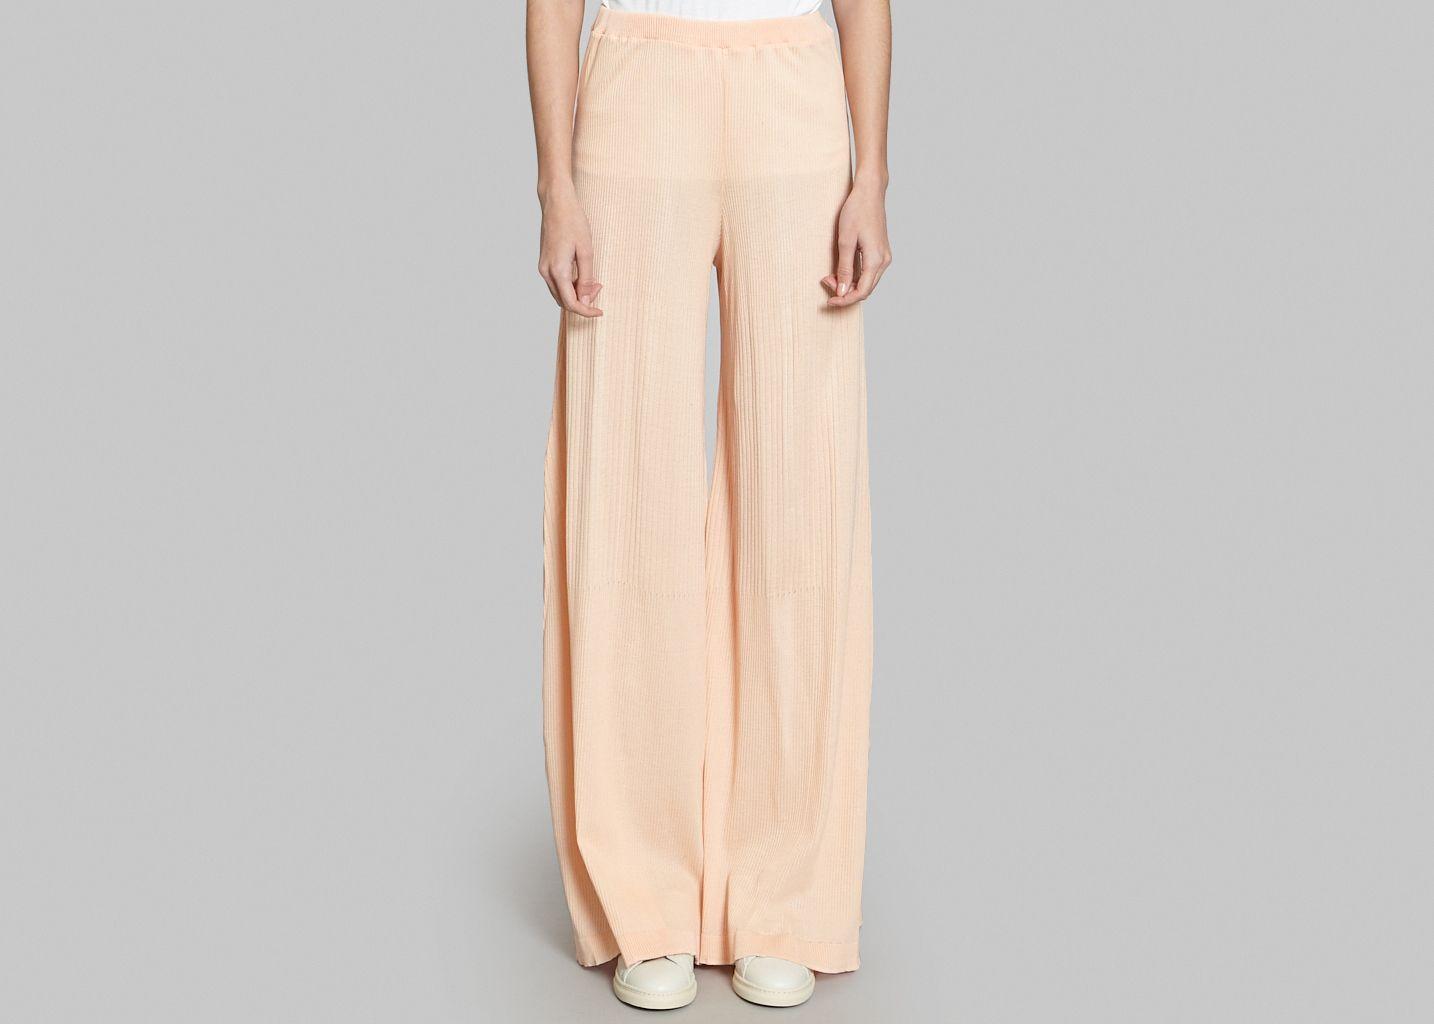 Pantalon Large - Emmanuelle Khanh